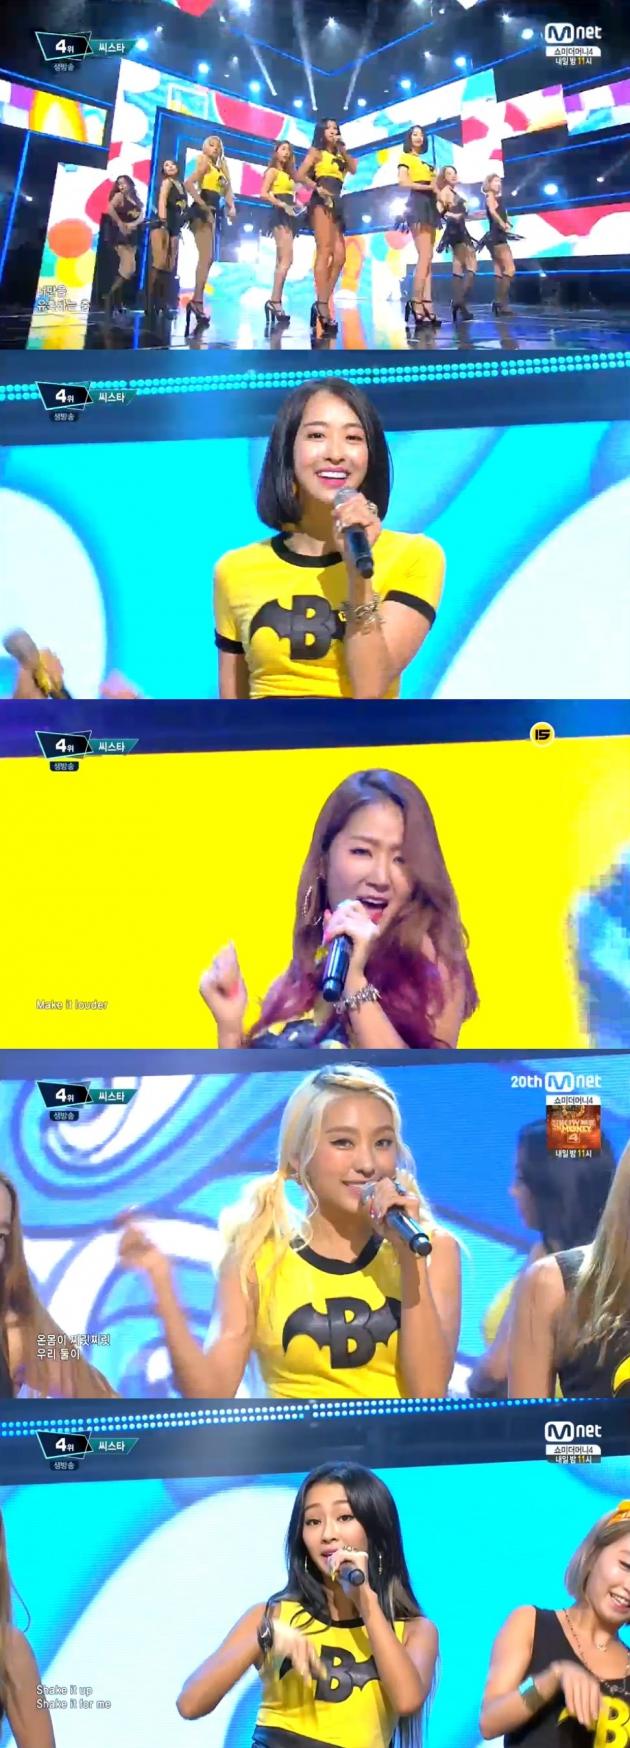 '엠카운트다운' 씨스타 / '엠카운트다운' 씨스타 사진=mnet 방송 캡처